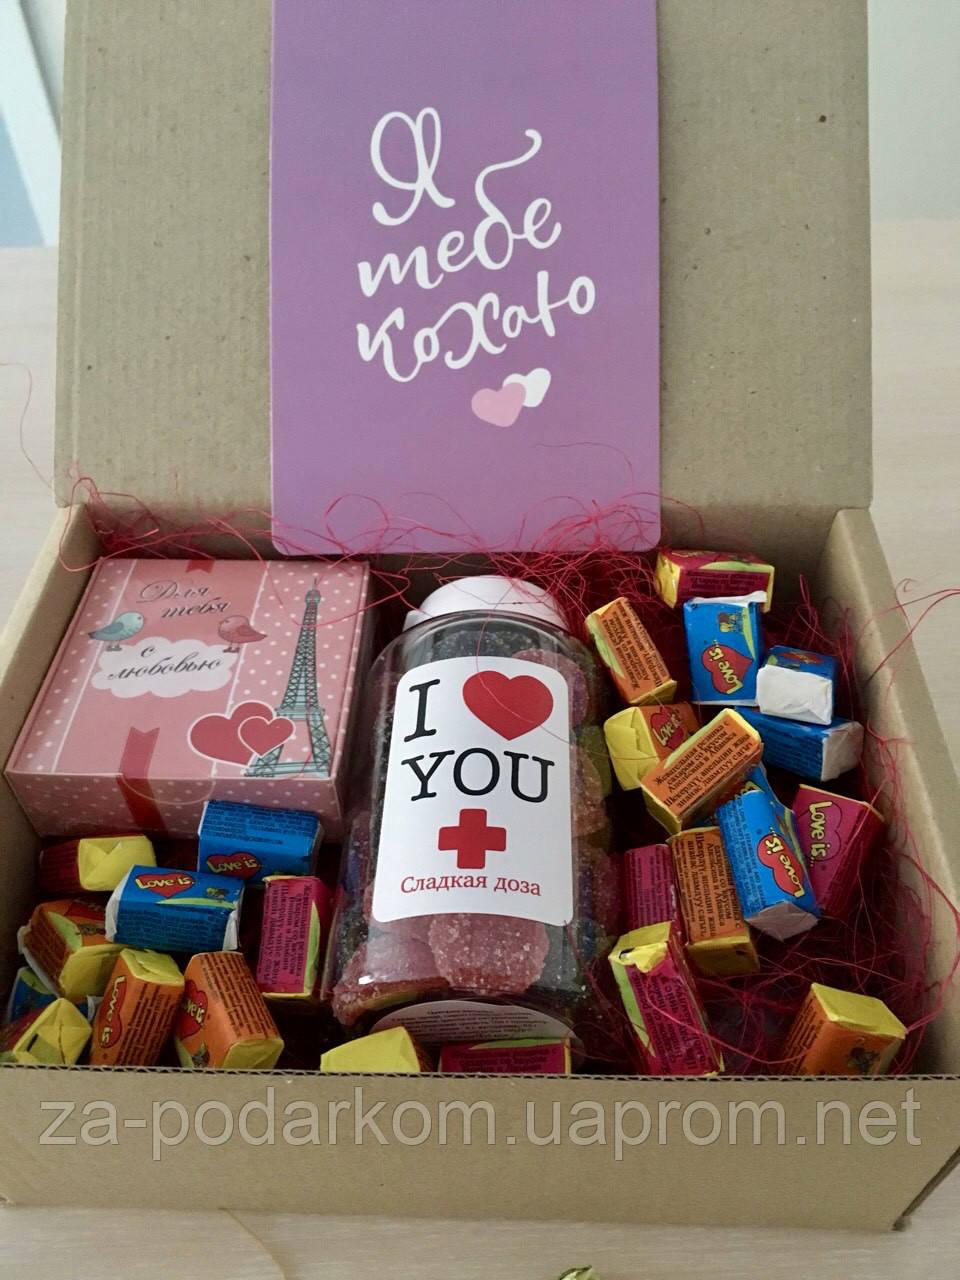 b1e8550c8878 Подарок любимой девушке на день рождения и годовщину - Интернет магазин  подарков zapodarkom.net в